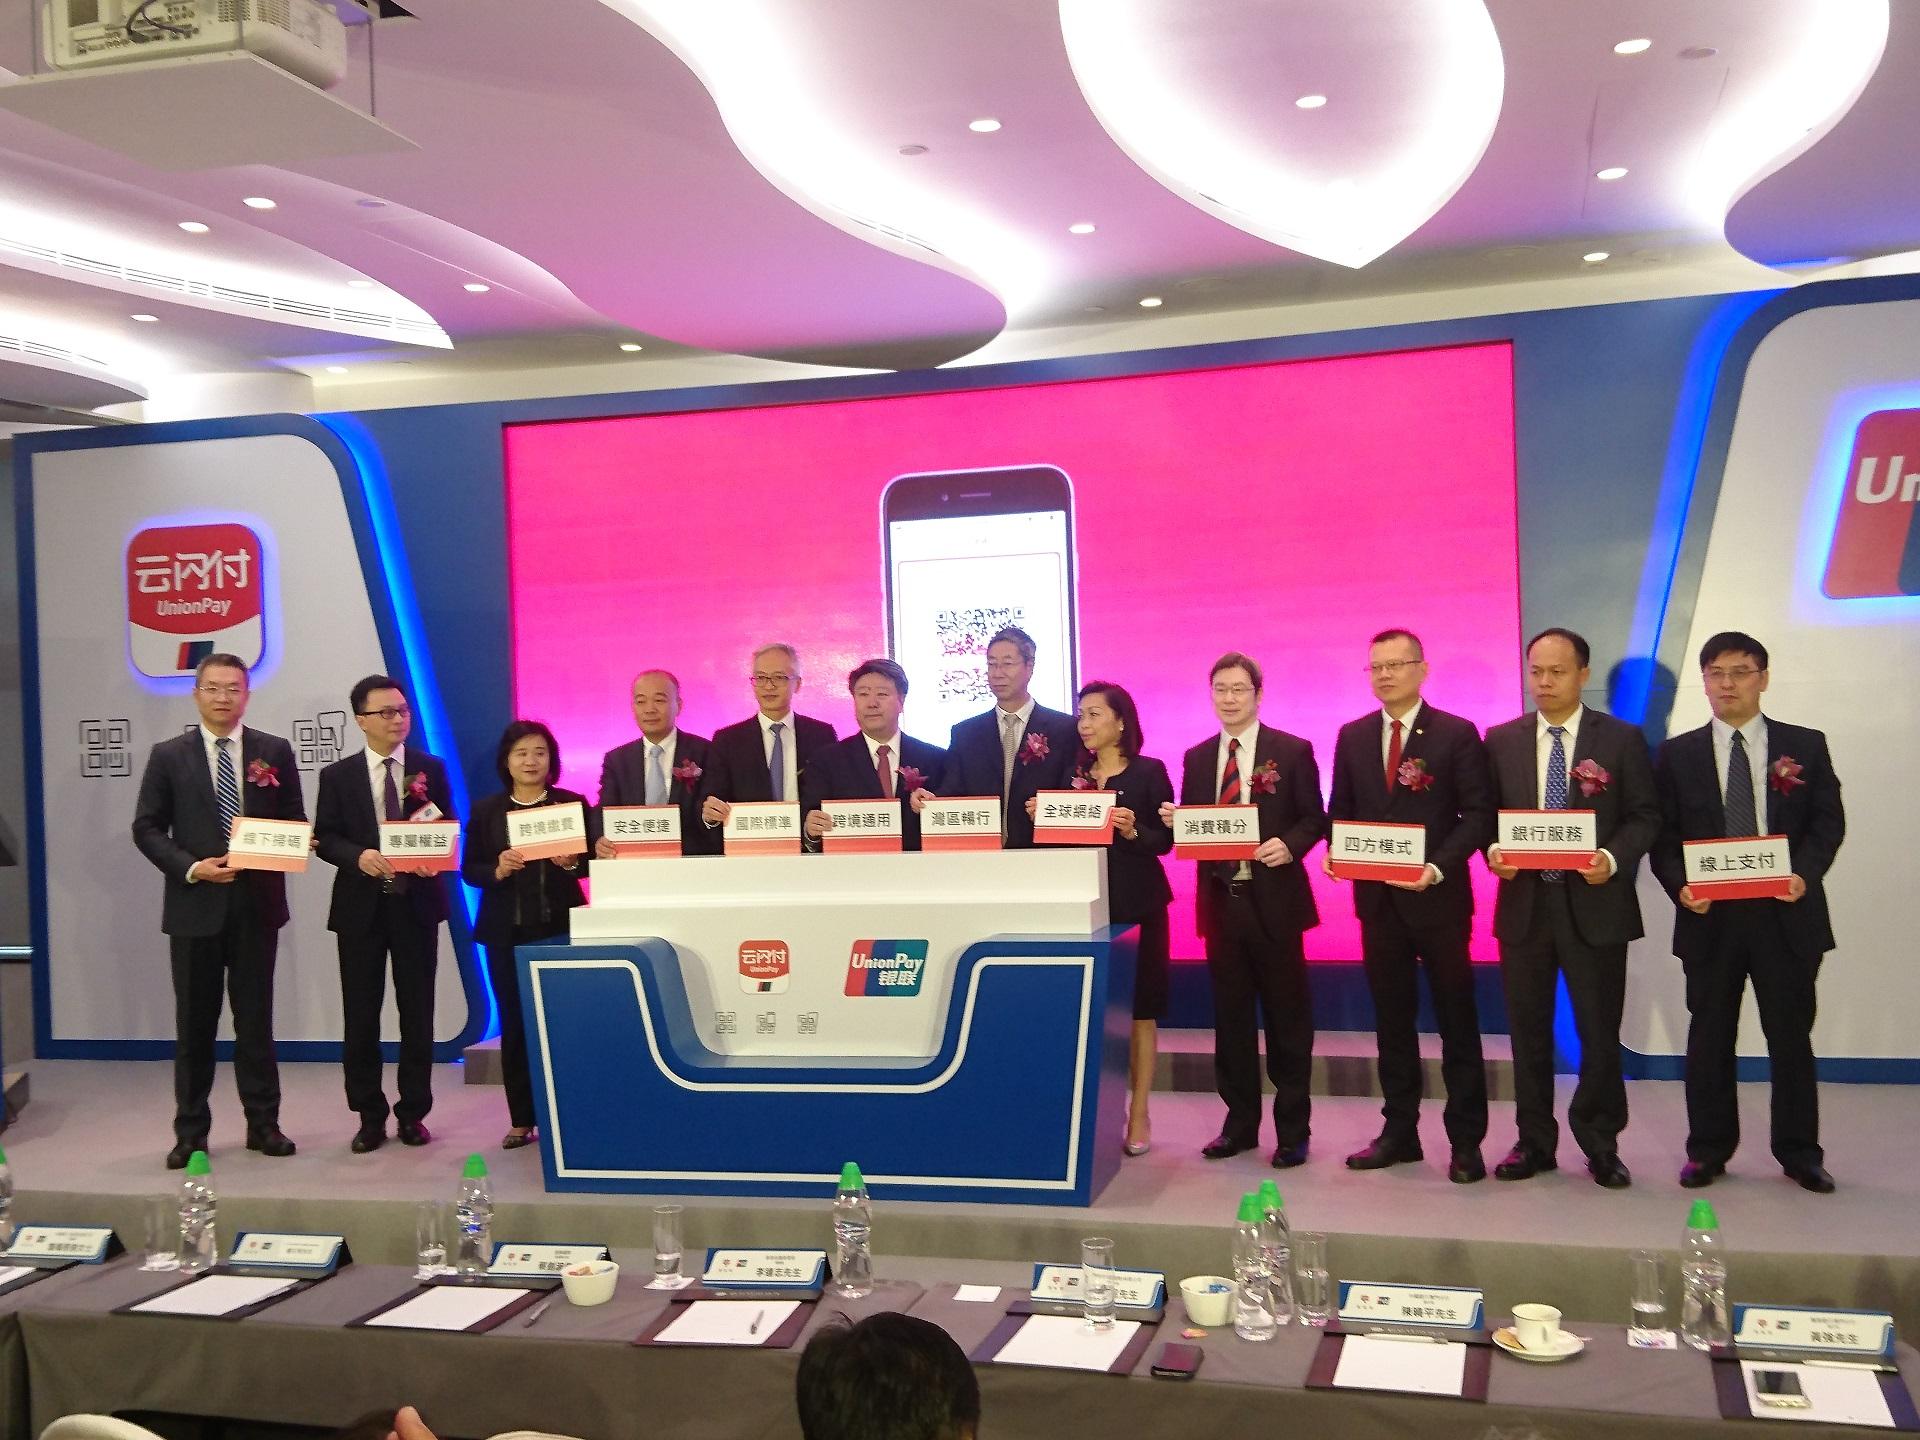 大陸、香港都用得!銀聯「雲閃付」App 登陸香港同時支援兩地 QR 碼支付